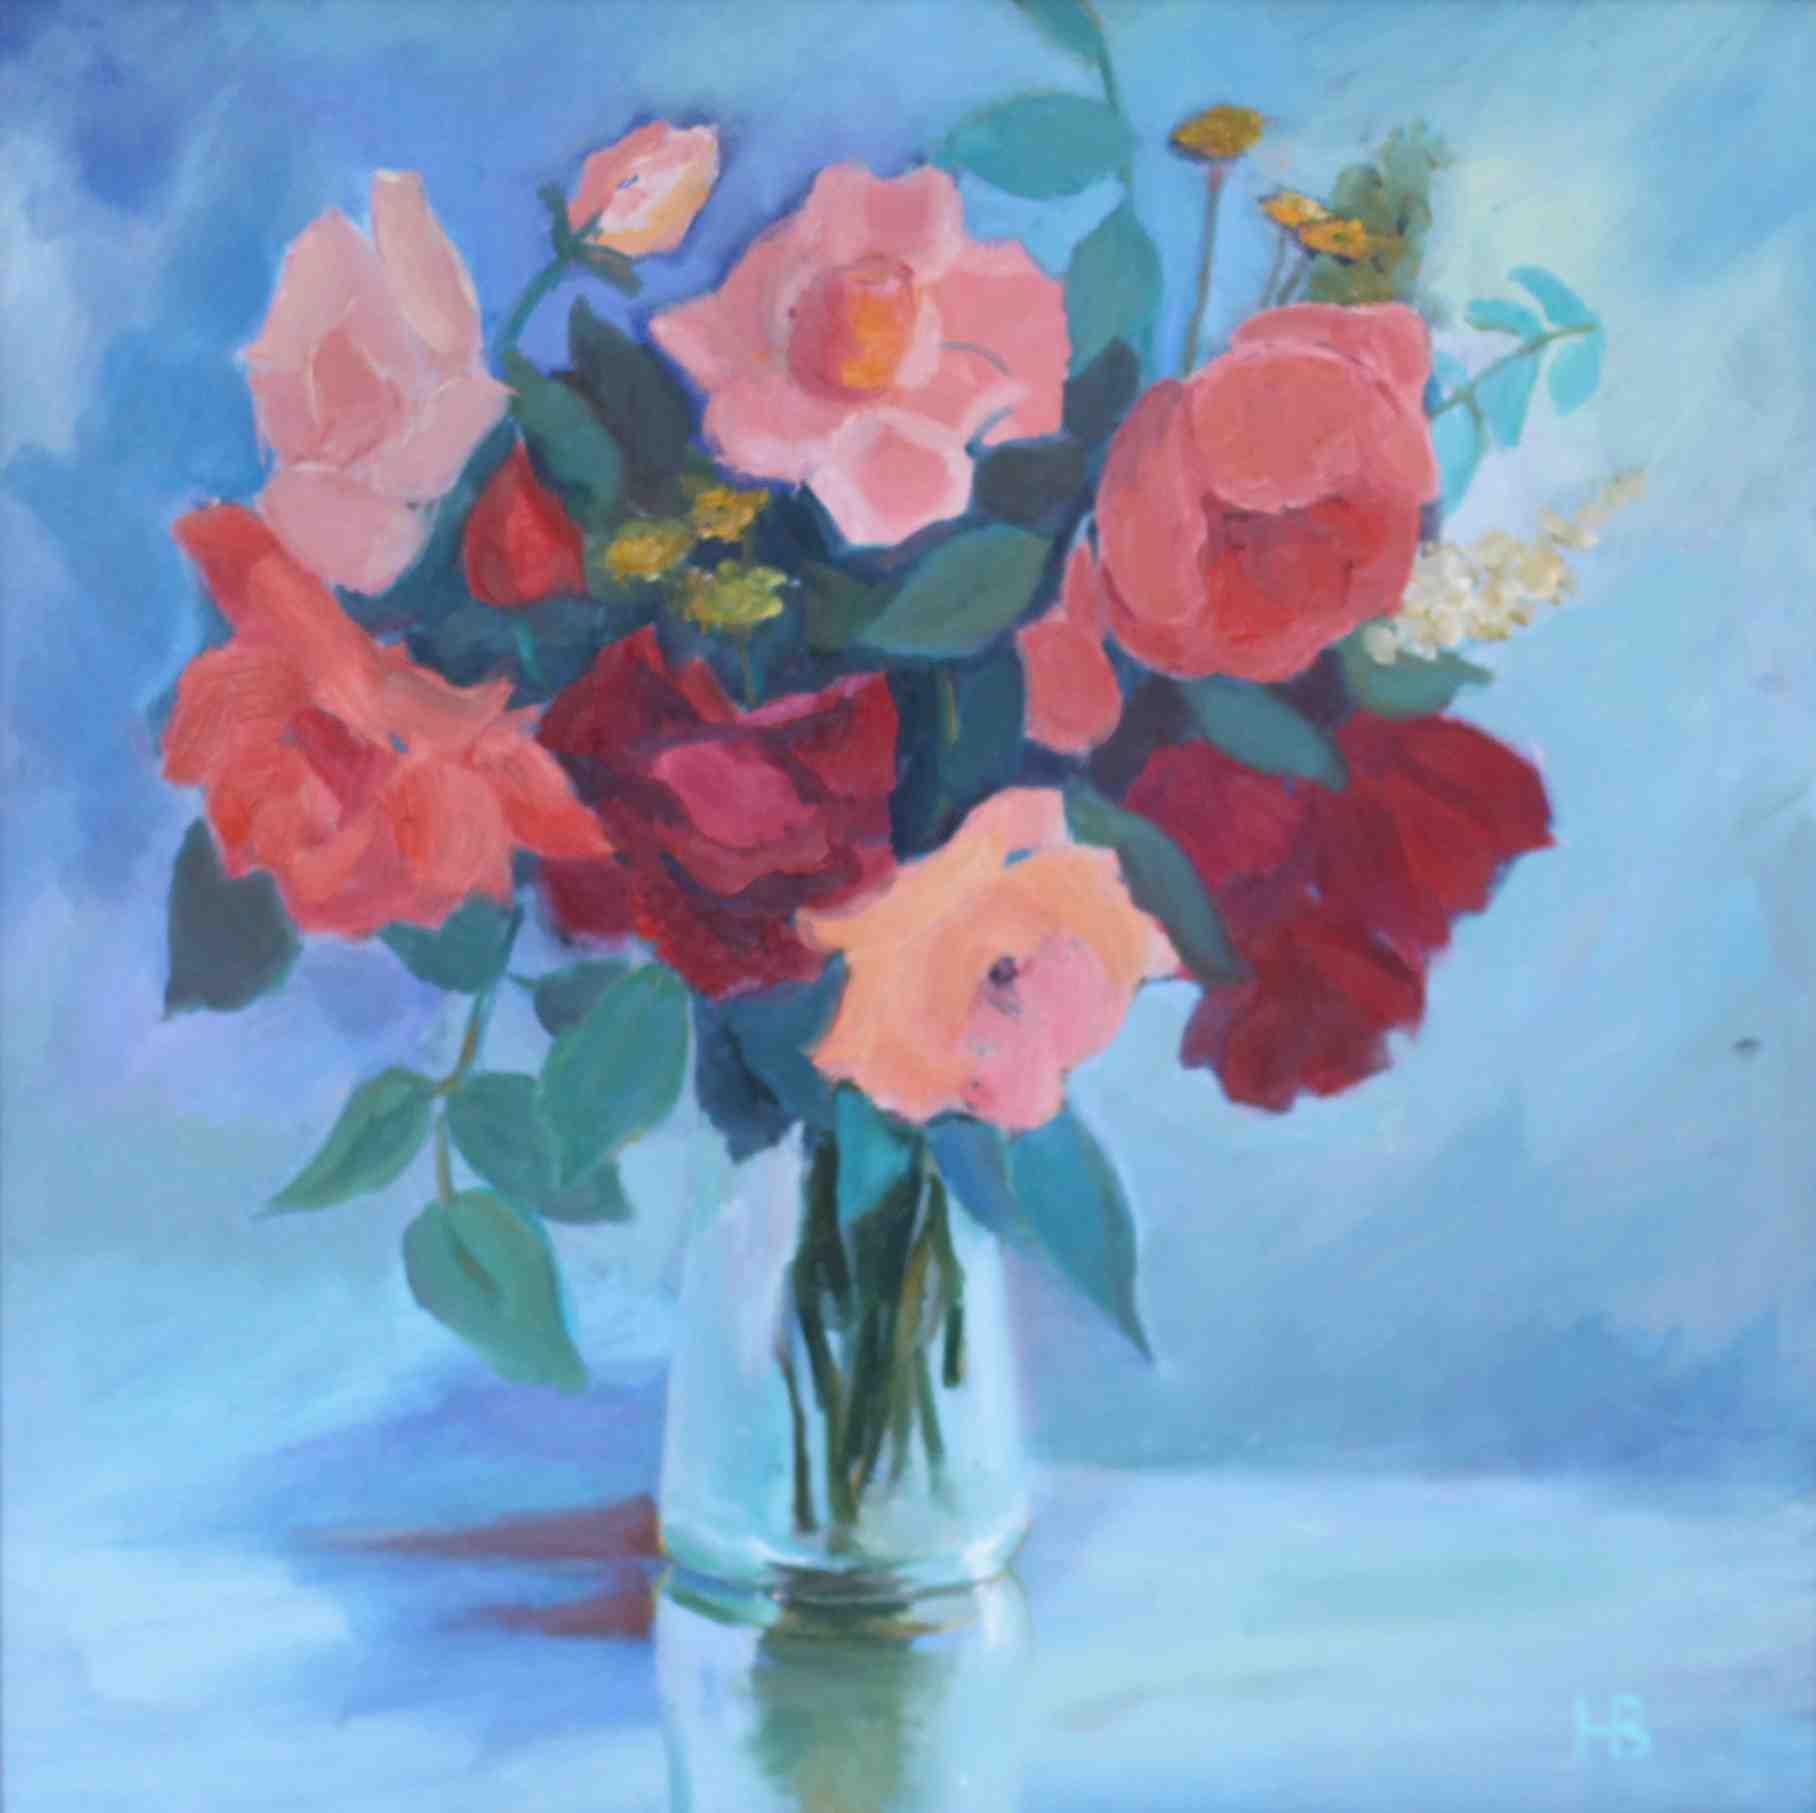 2014. Розы в вазе. Х.м. 40х40. 2014